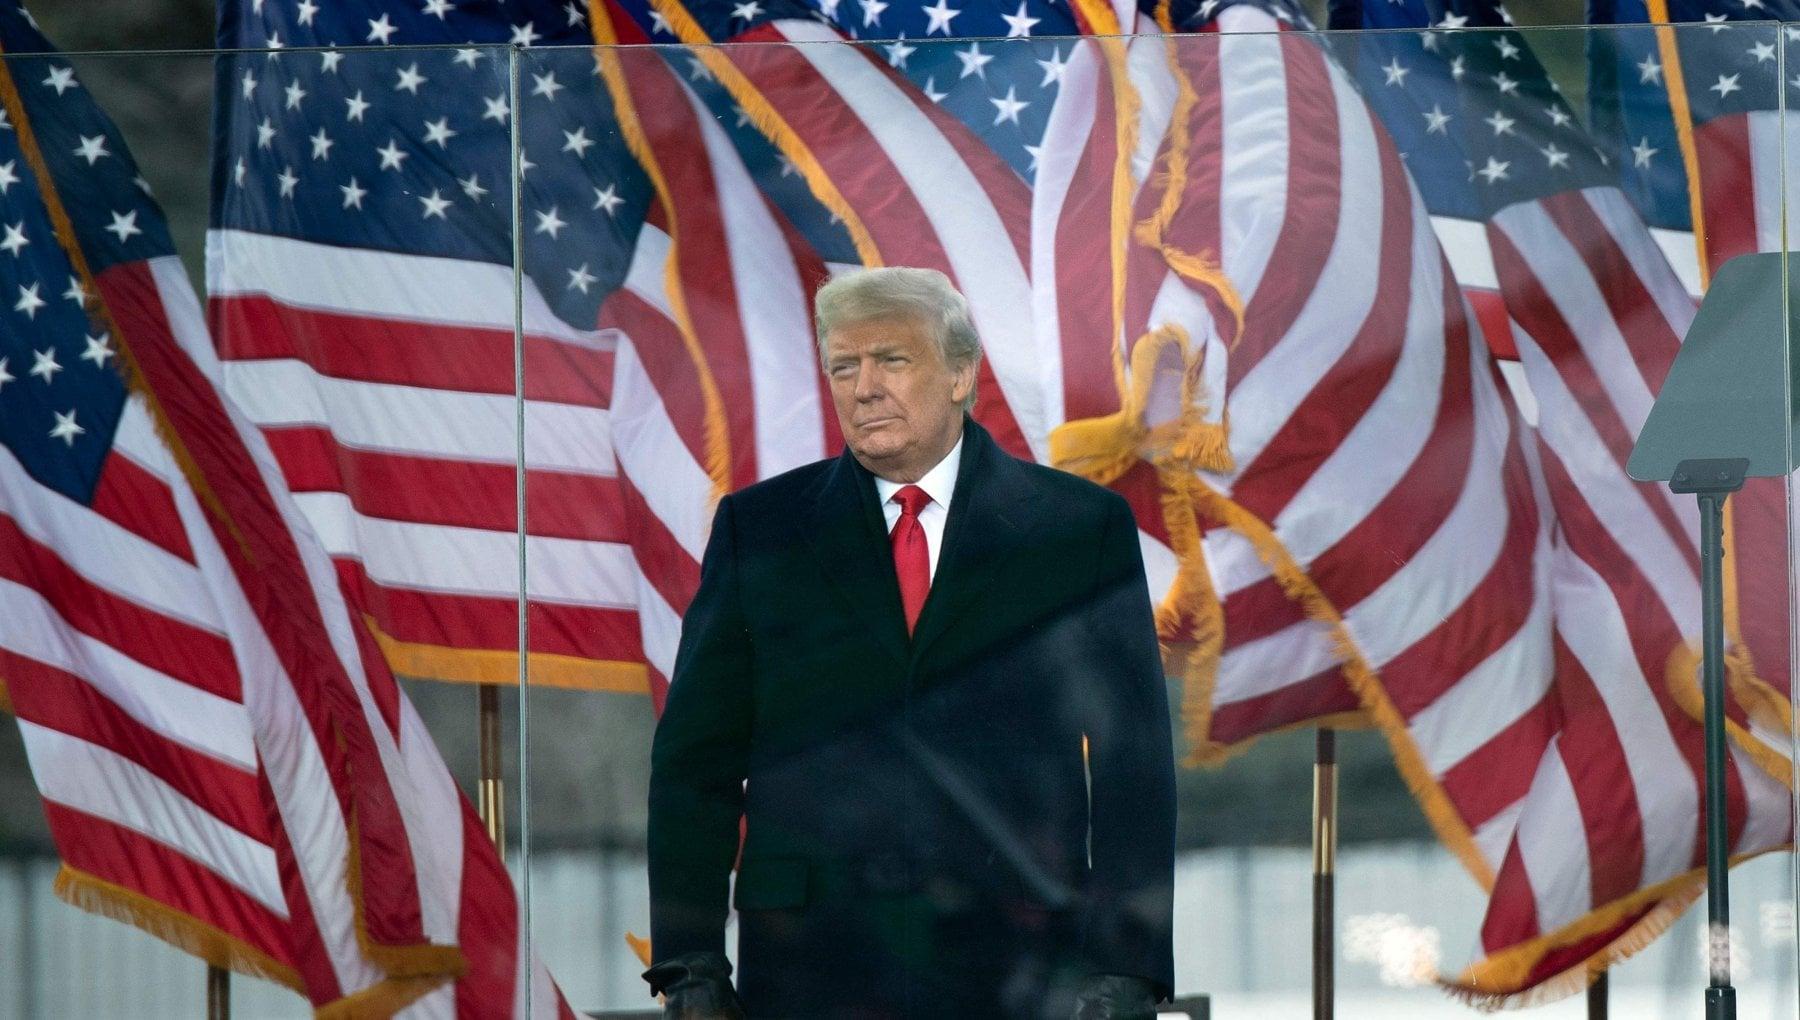 Braccio di ferro a Washington migliaia in piazza per Trump il Congresso pronto a certificare la vittoria di Biden. Il presidente Non ci arrenderemo